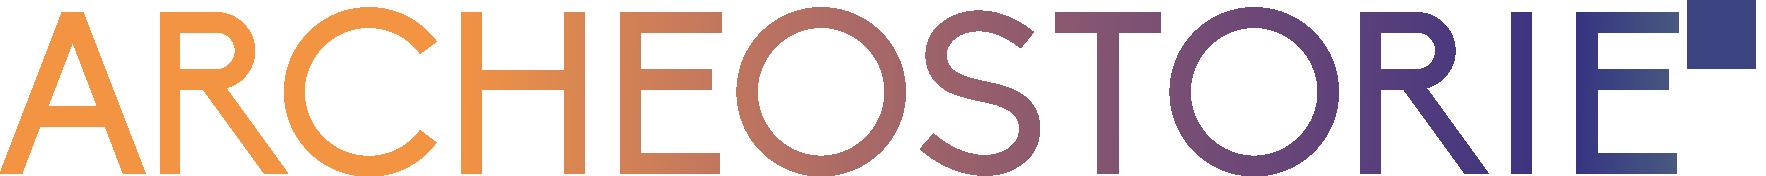 Logo Archeostorie